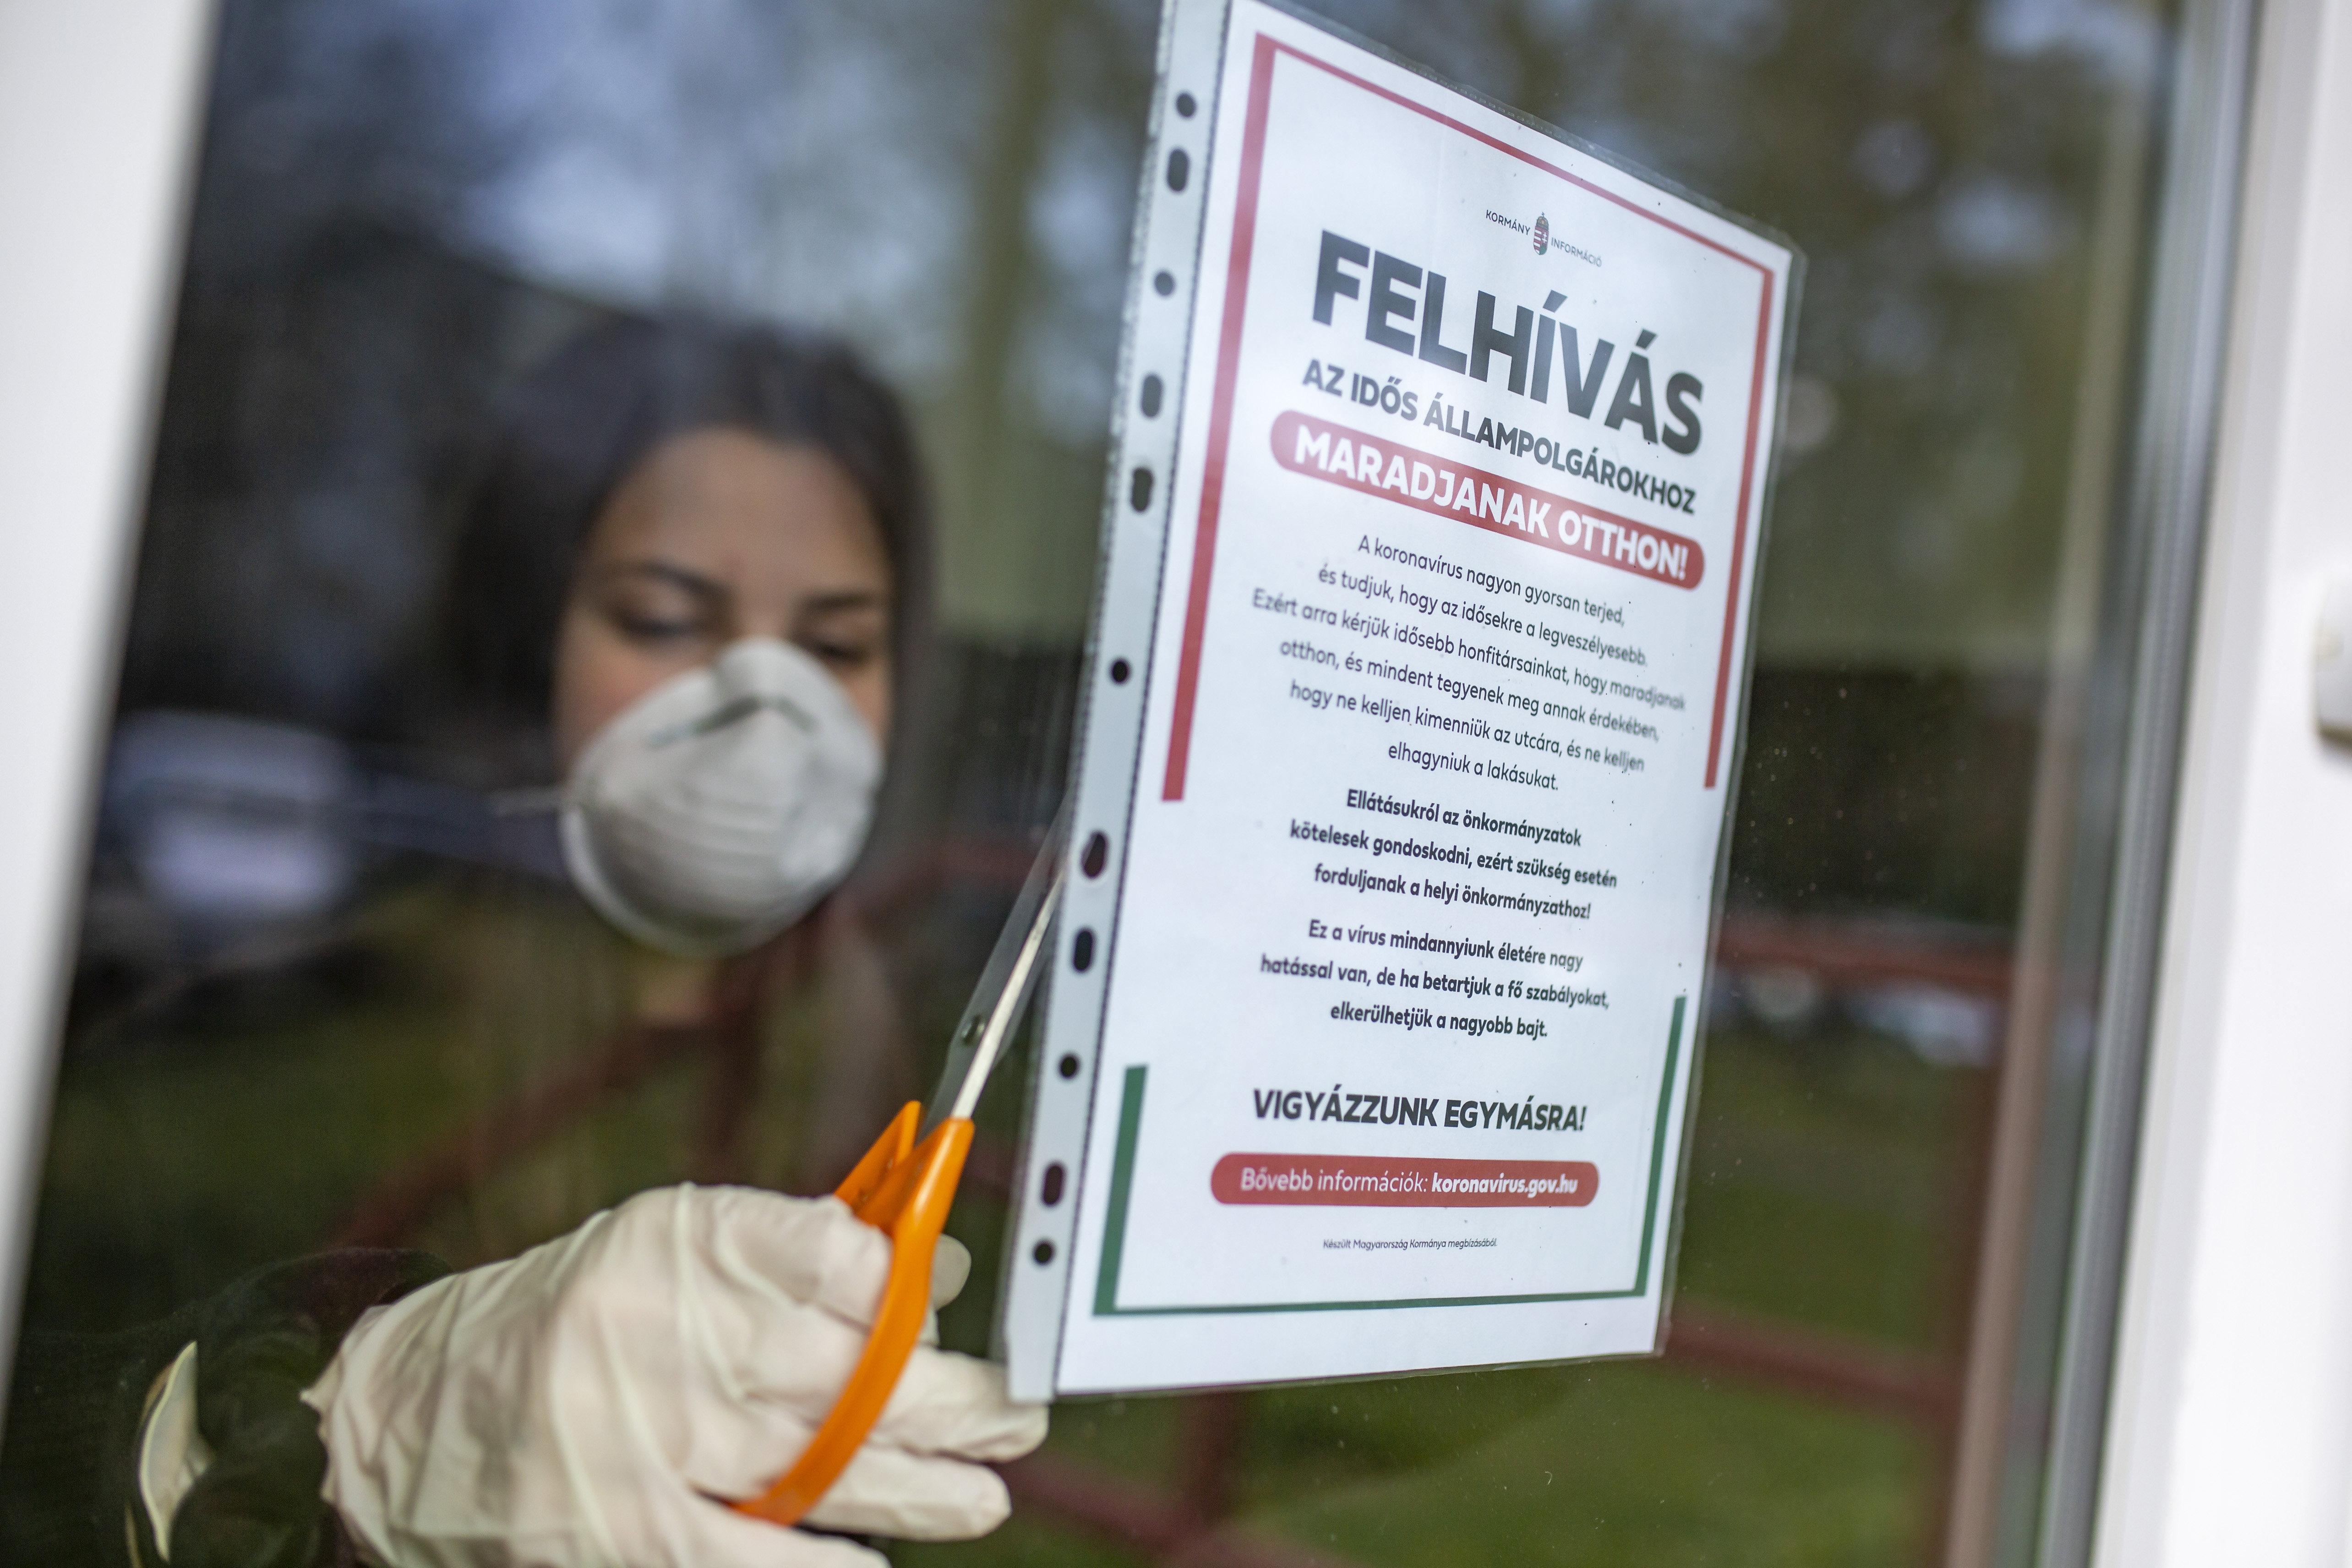 Be kellett zárni egy patikát Budafokon, mert az egyik dolgozó elkapta a koronavírust